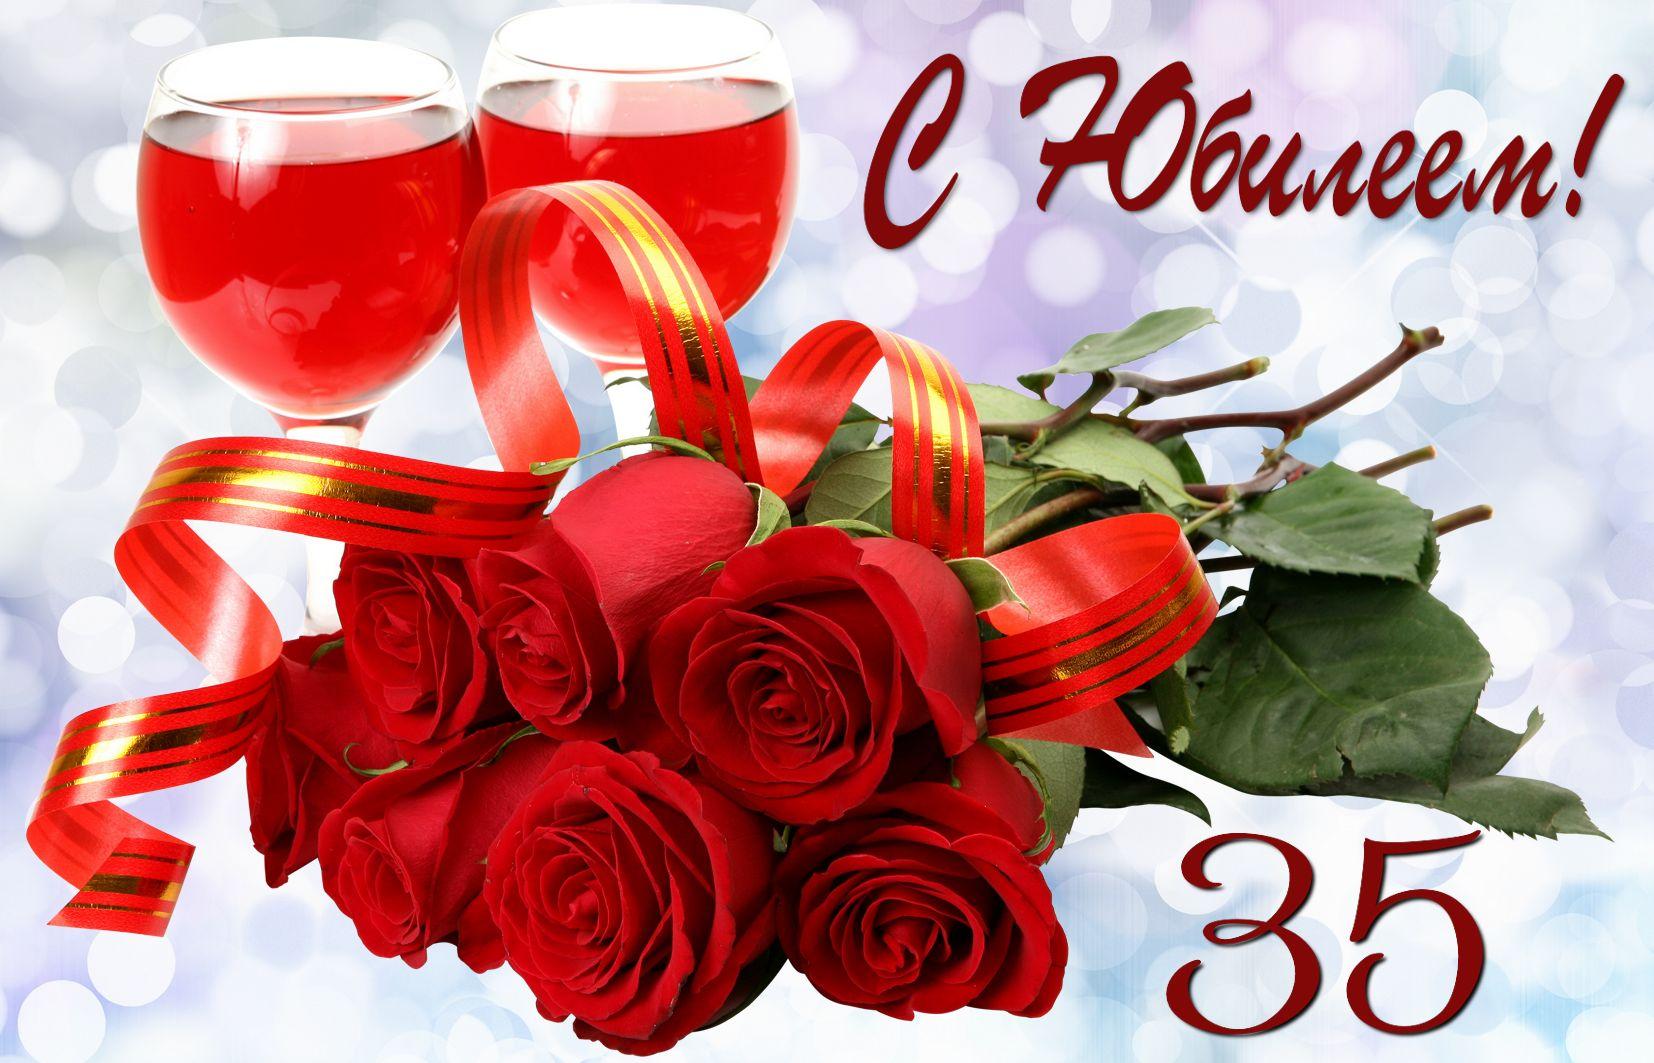 Открытка на 35 лет - букет роз и бокалы с вином к юбилею